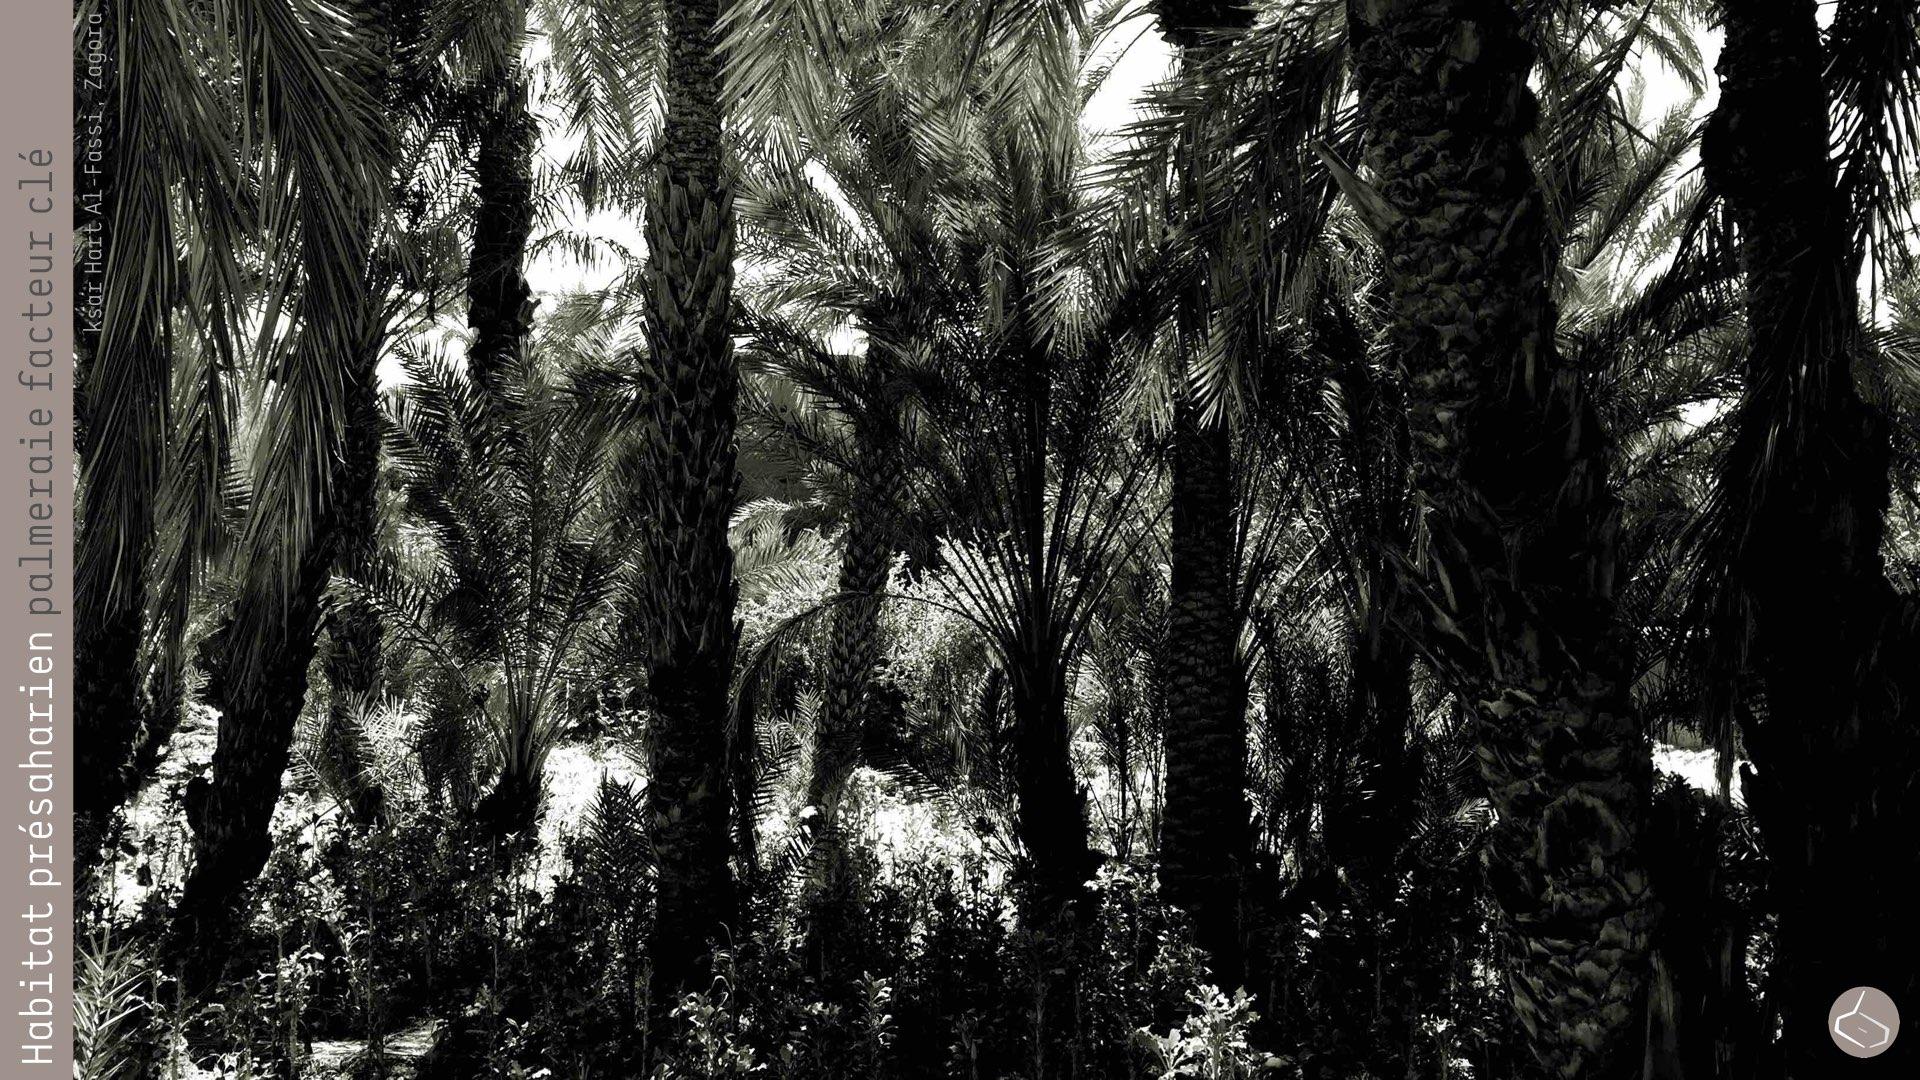 """93. Il faut rappeler que la différence de température entre vivre dans la palmeraie ou en dehors, peut arriver à 6ºC. L'idéal serait de construire les nouveaux quartiers, non pas dans la palmeraie, mais dans les terrains occupés auparavant pour les palmiers, en profitant de l'aménagement """"urbain"""" pour reboiser la palmeraie…       93. We would like to remember that the temperature difference between living inside or outside the palm grove can reach 6 ºC. The ideal would be to build new districts, not in the palm grove, but in the land occupied in the past for the palm trees, taking advantage of the """"urban planning"""" (or we must say oasian planning), we could reforest the oases ..."""